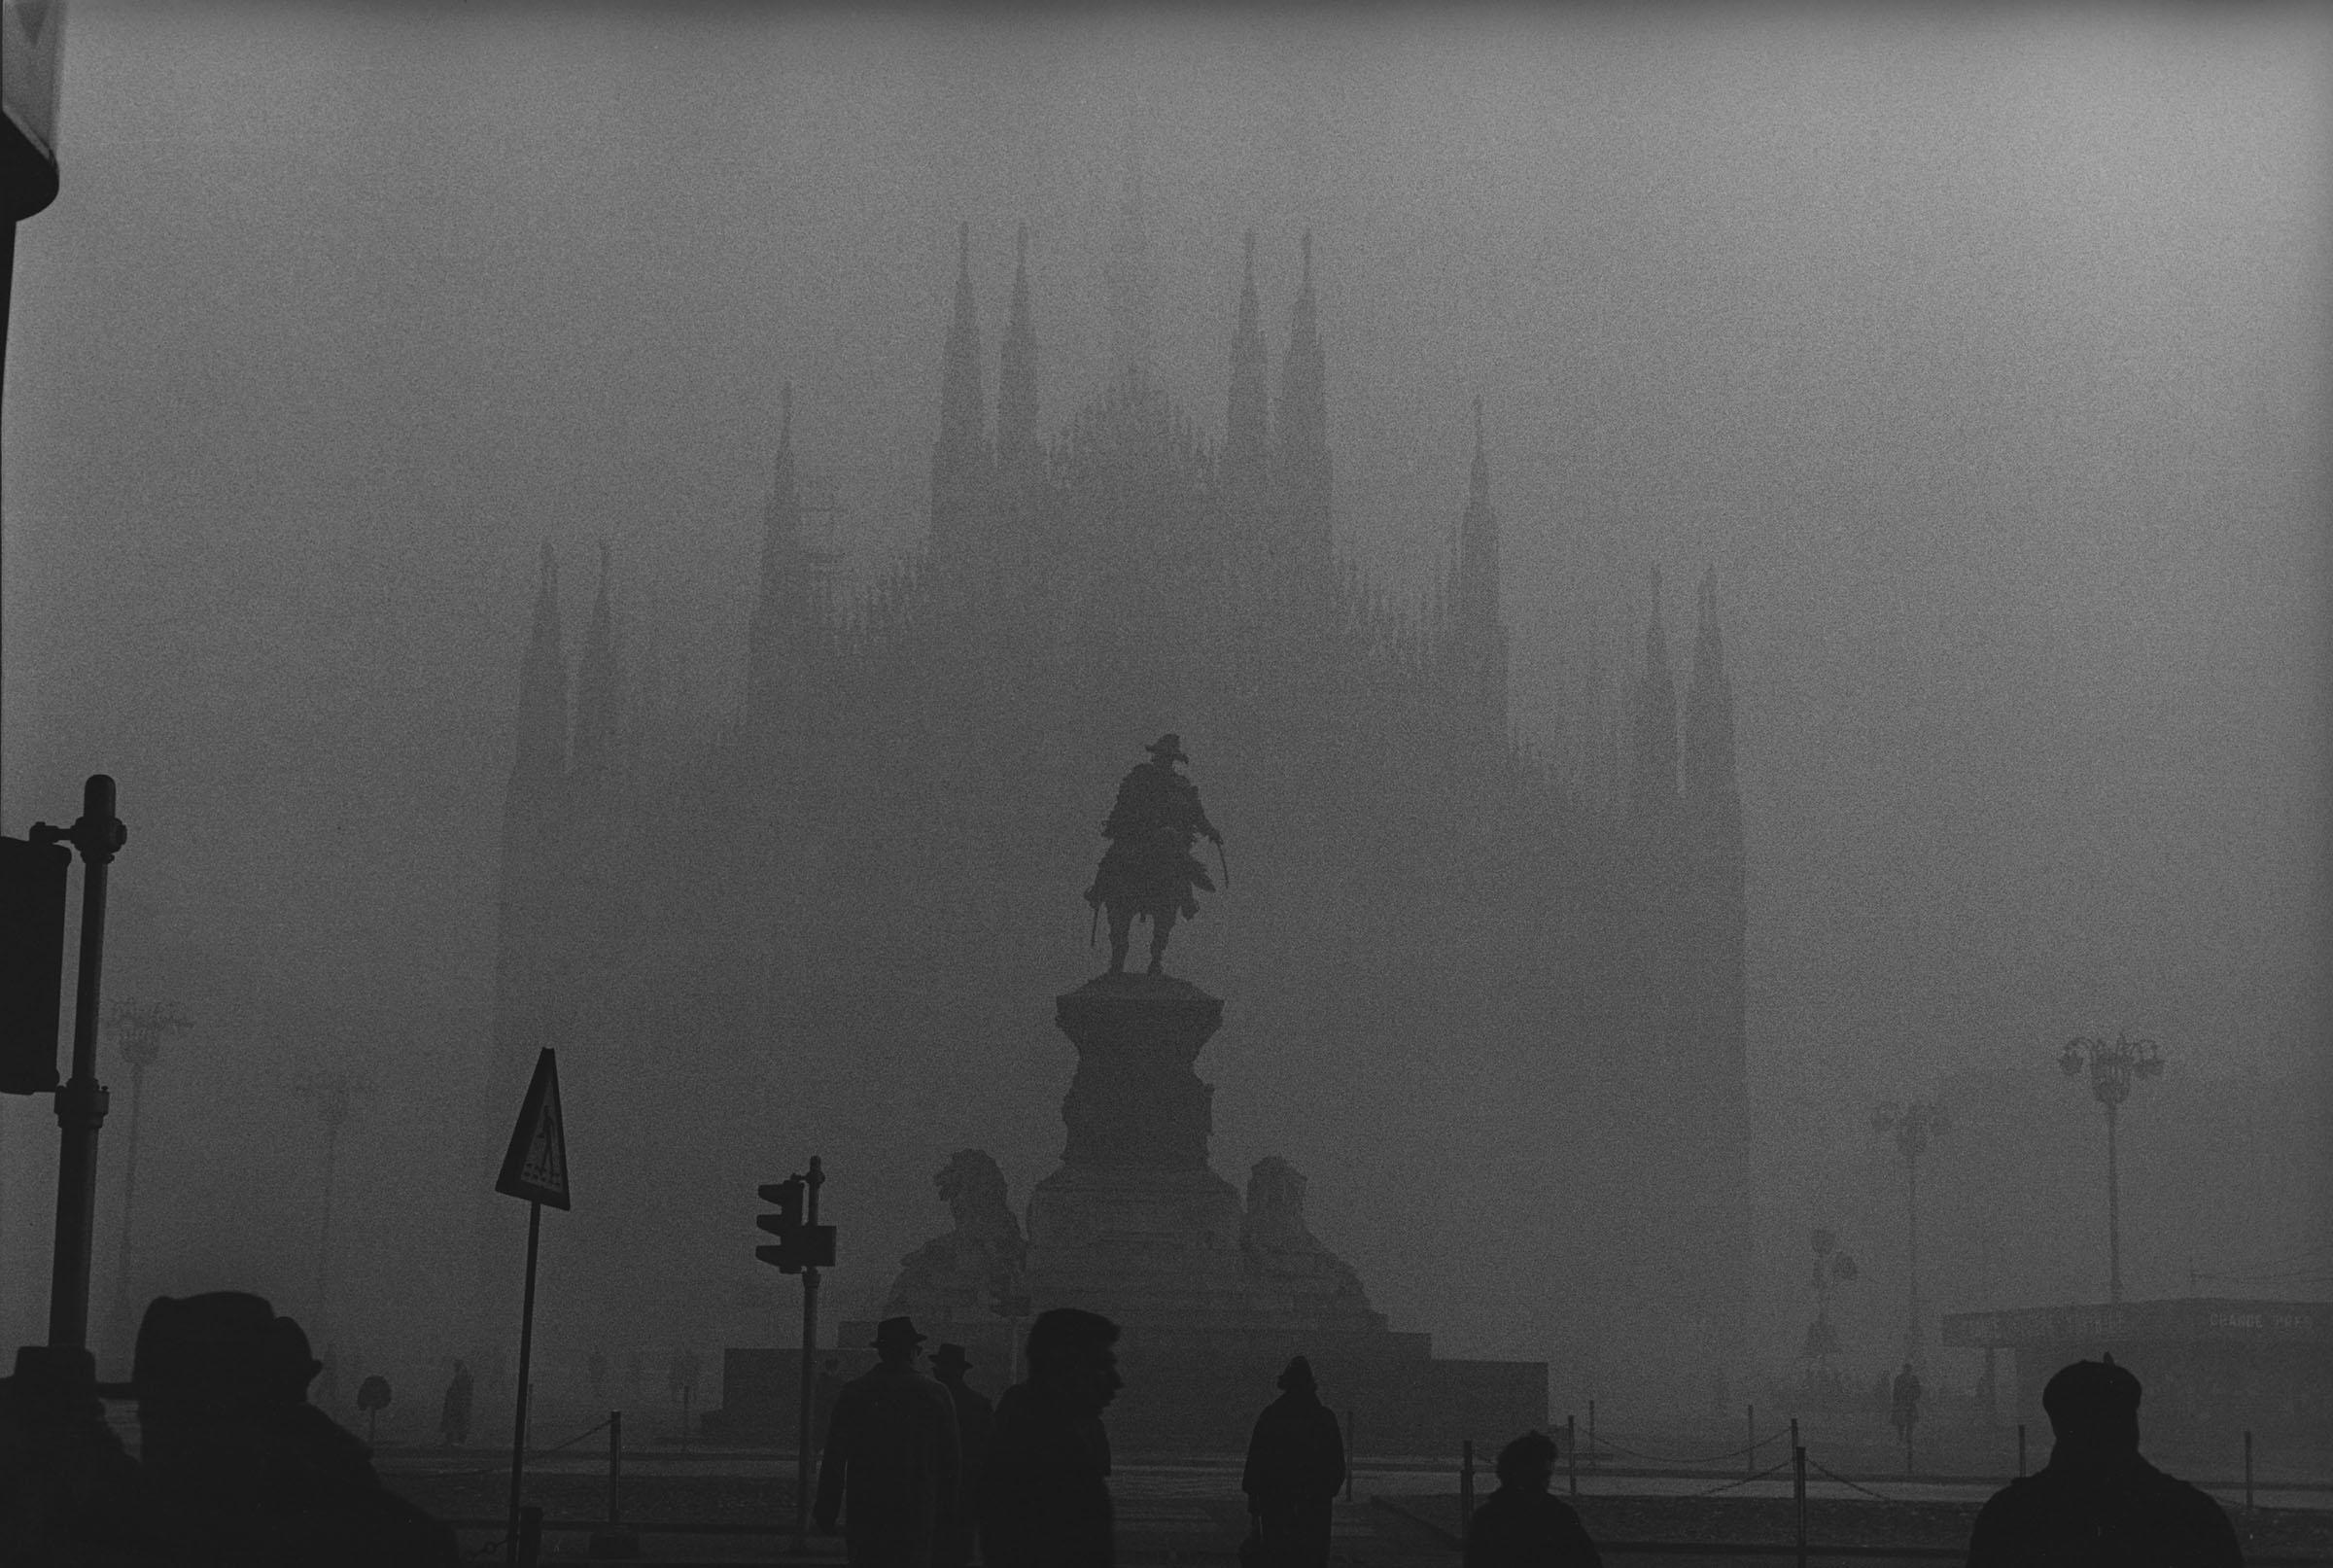 L'irripetibile Milano degli anni 60. L'aria eccitante respirata da Fontana, Munari e Gaber rivive a Palazzo Morando